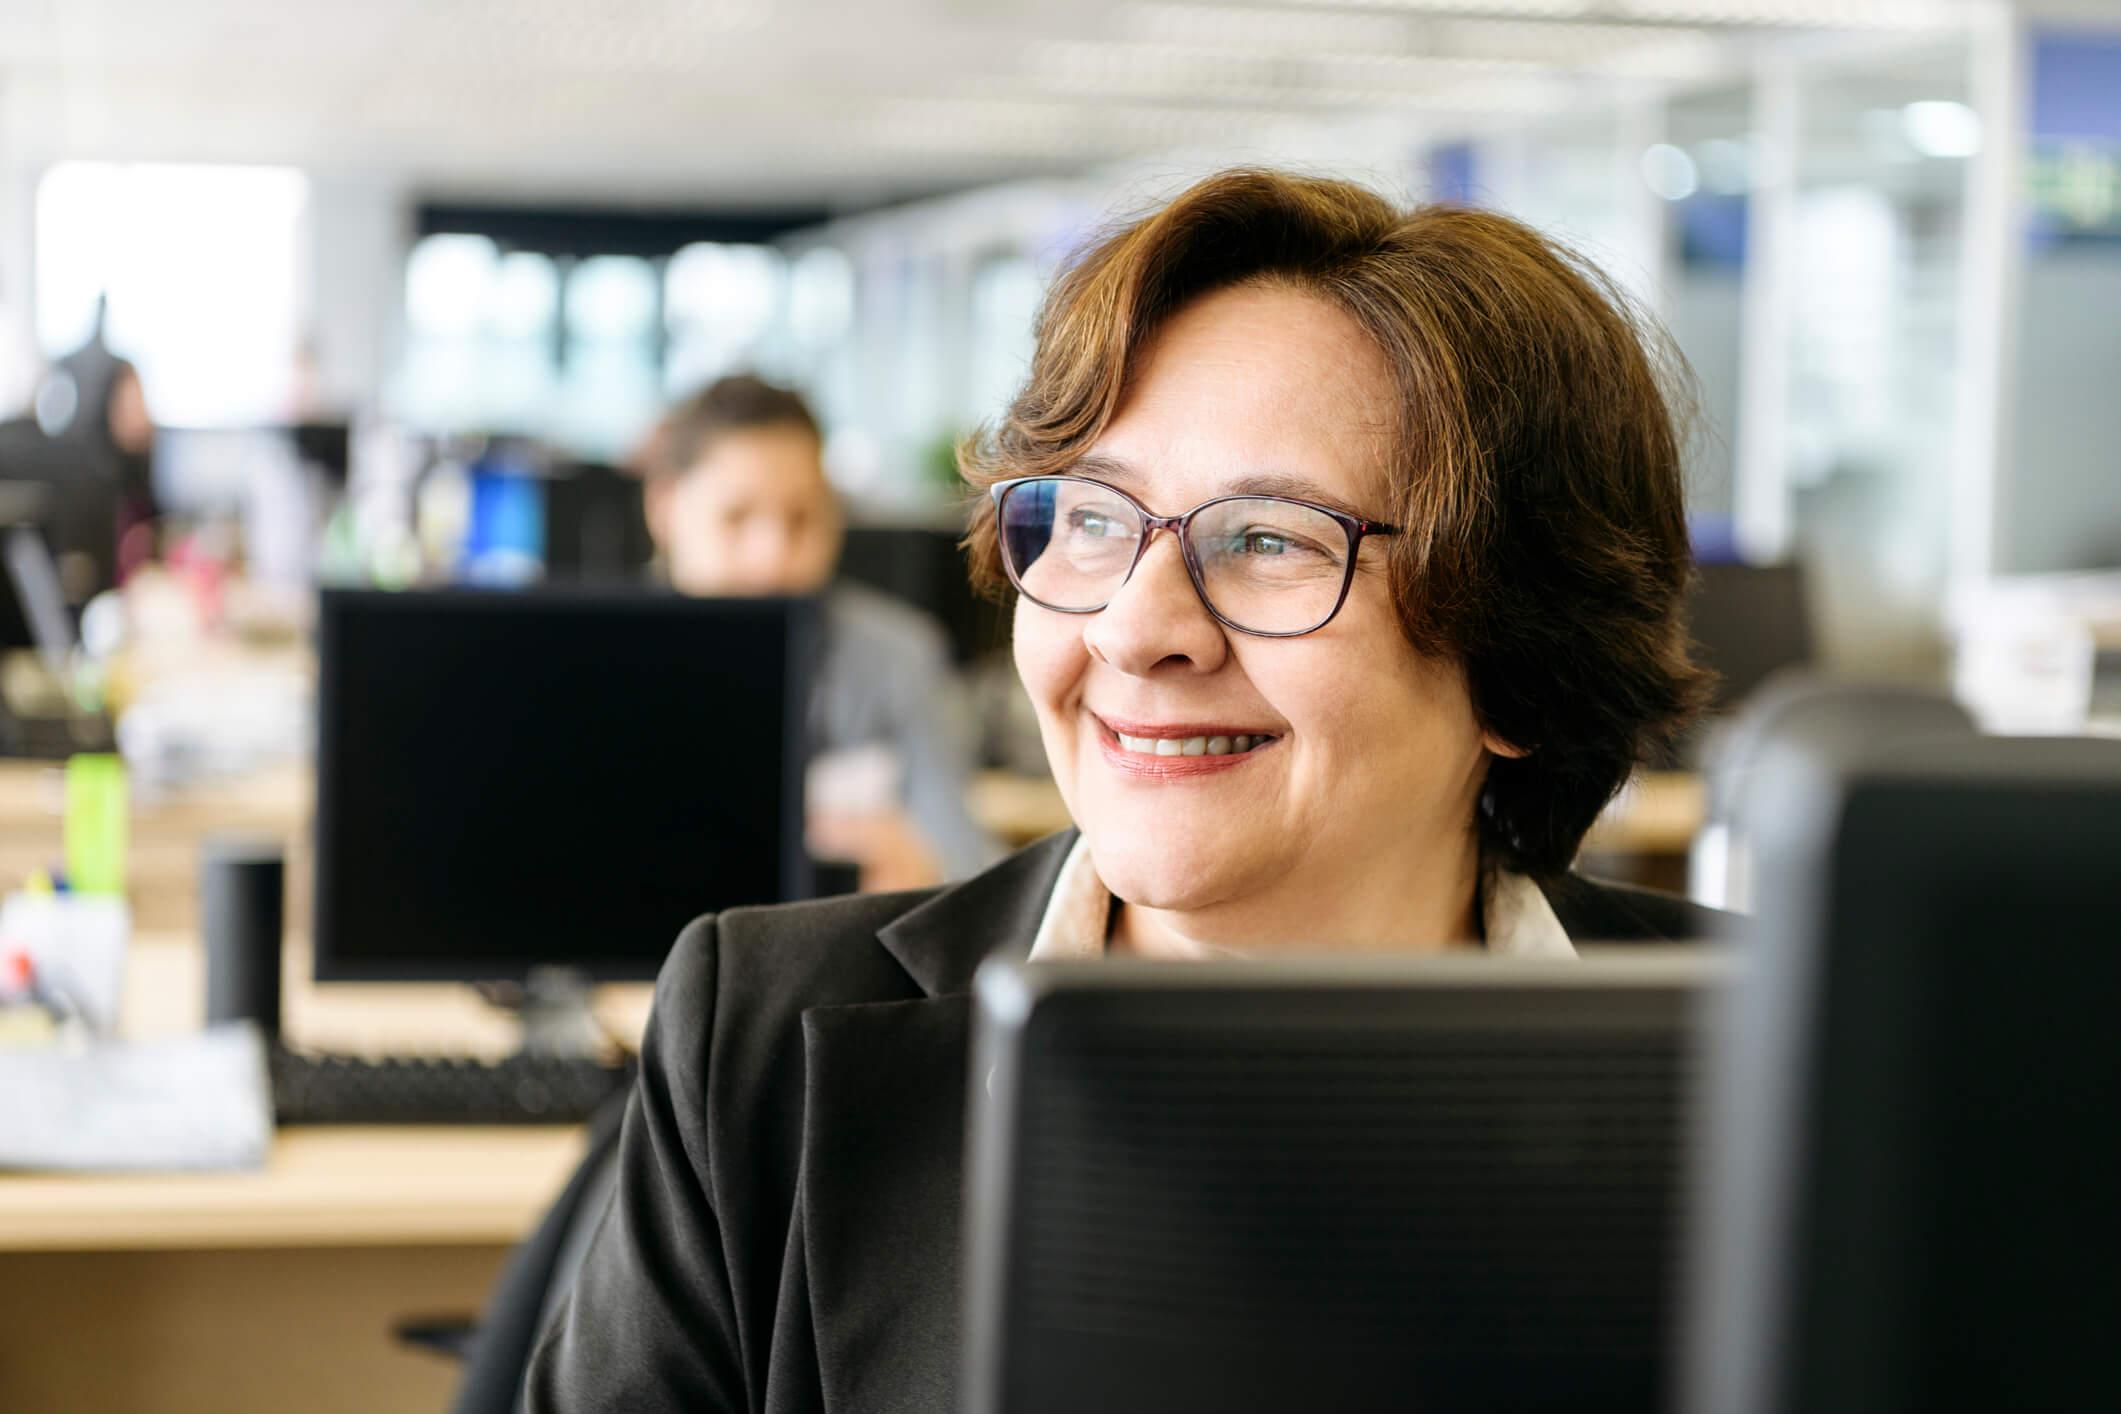 Produtividade com TDAH: veja como adquiri-la no trabalho